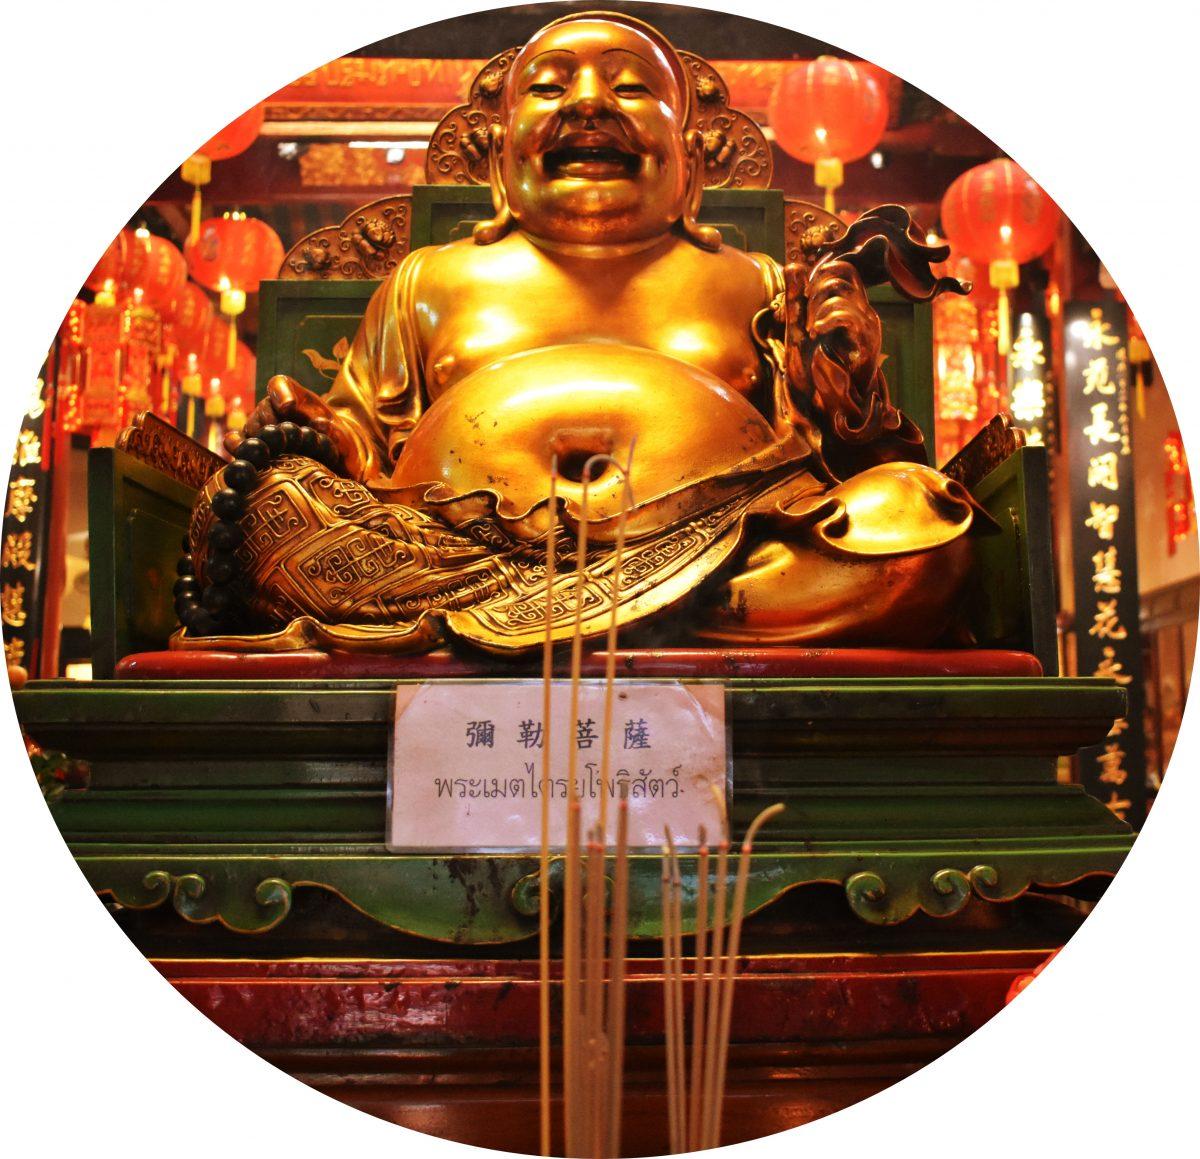 Wat Bampen Chine Prote in Bangkok